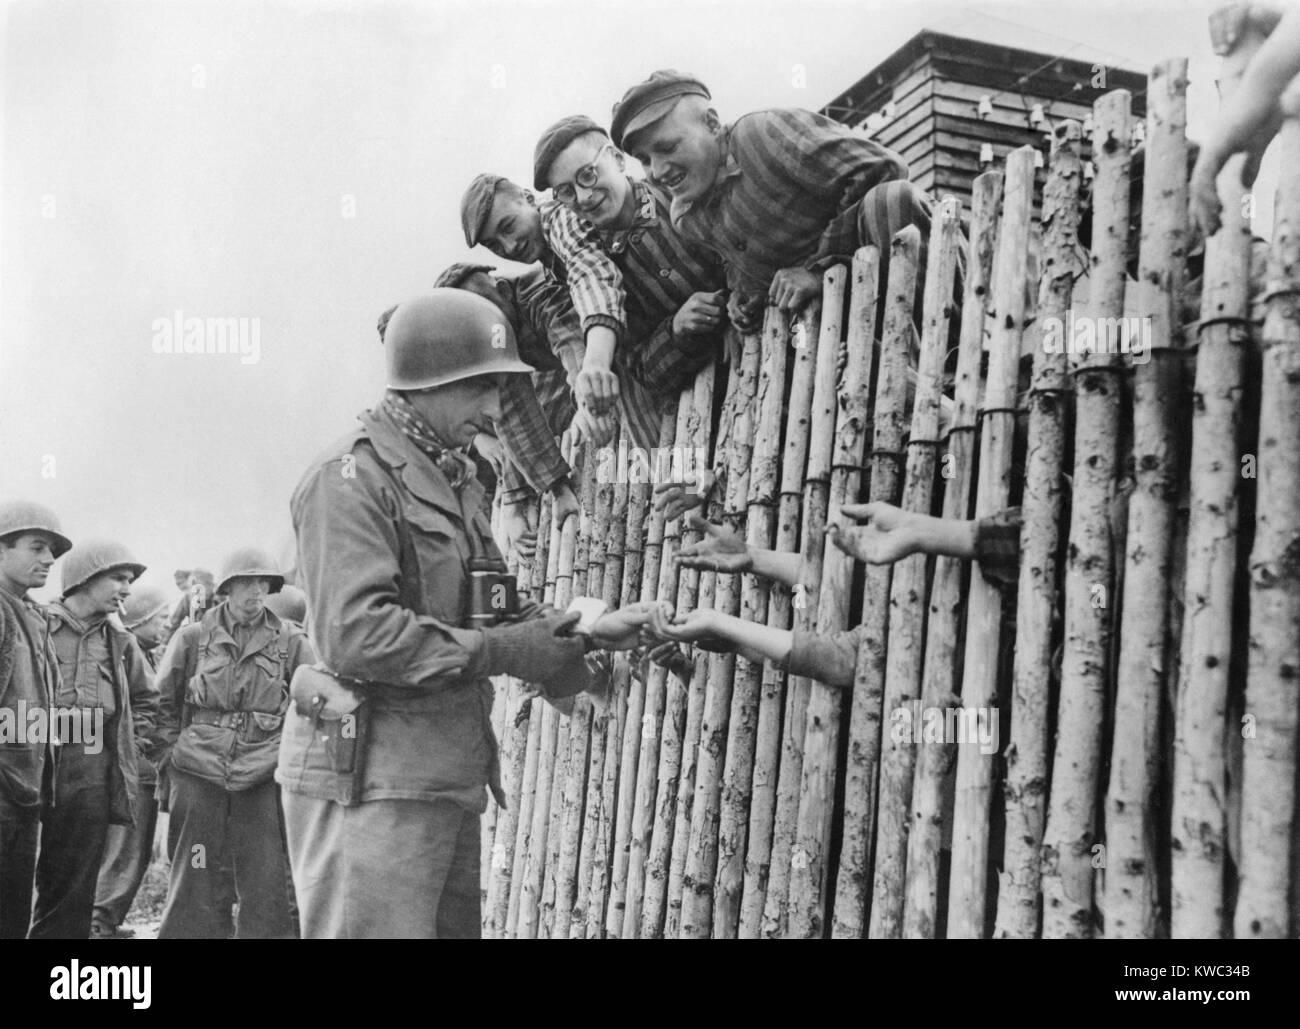 Ig del Séptimo ejército de EE.UU. da su último cigarrillos a liberaron Dachau prisioneros tras una estacada. El Foto de stock